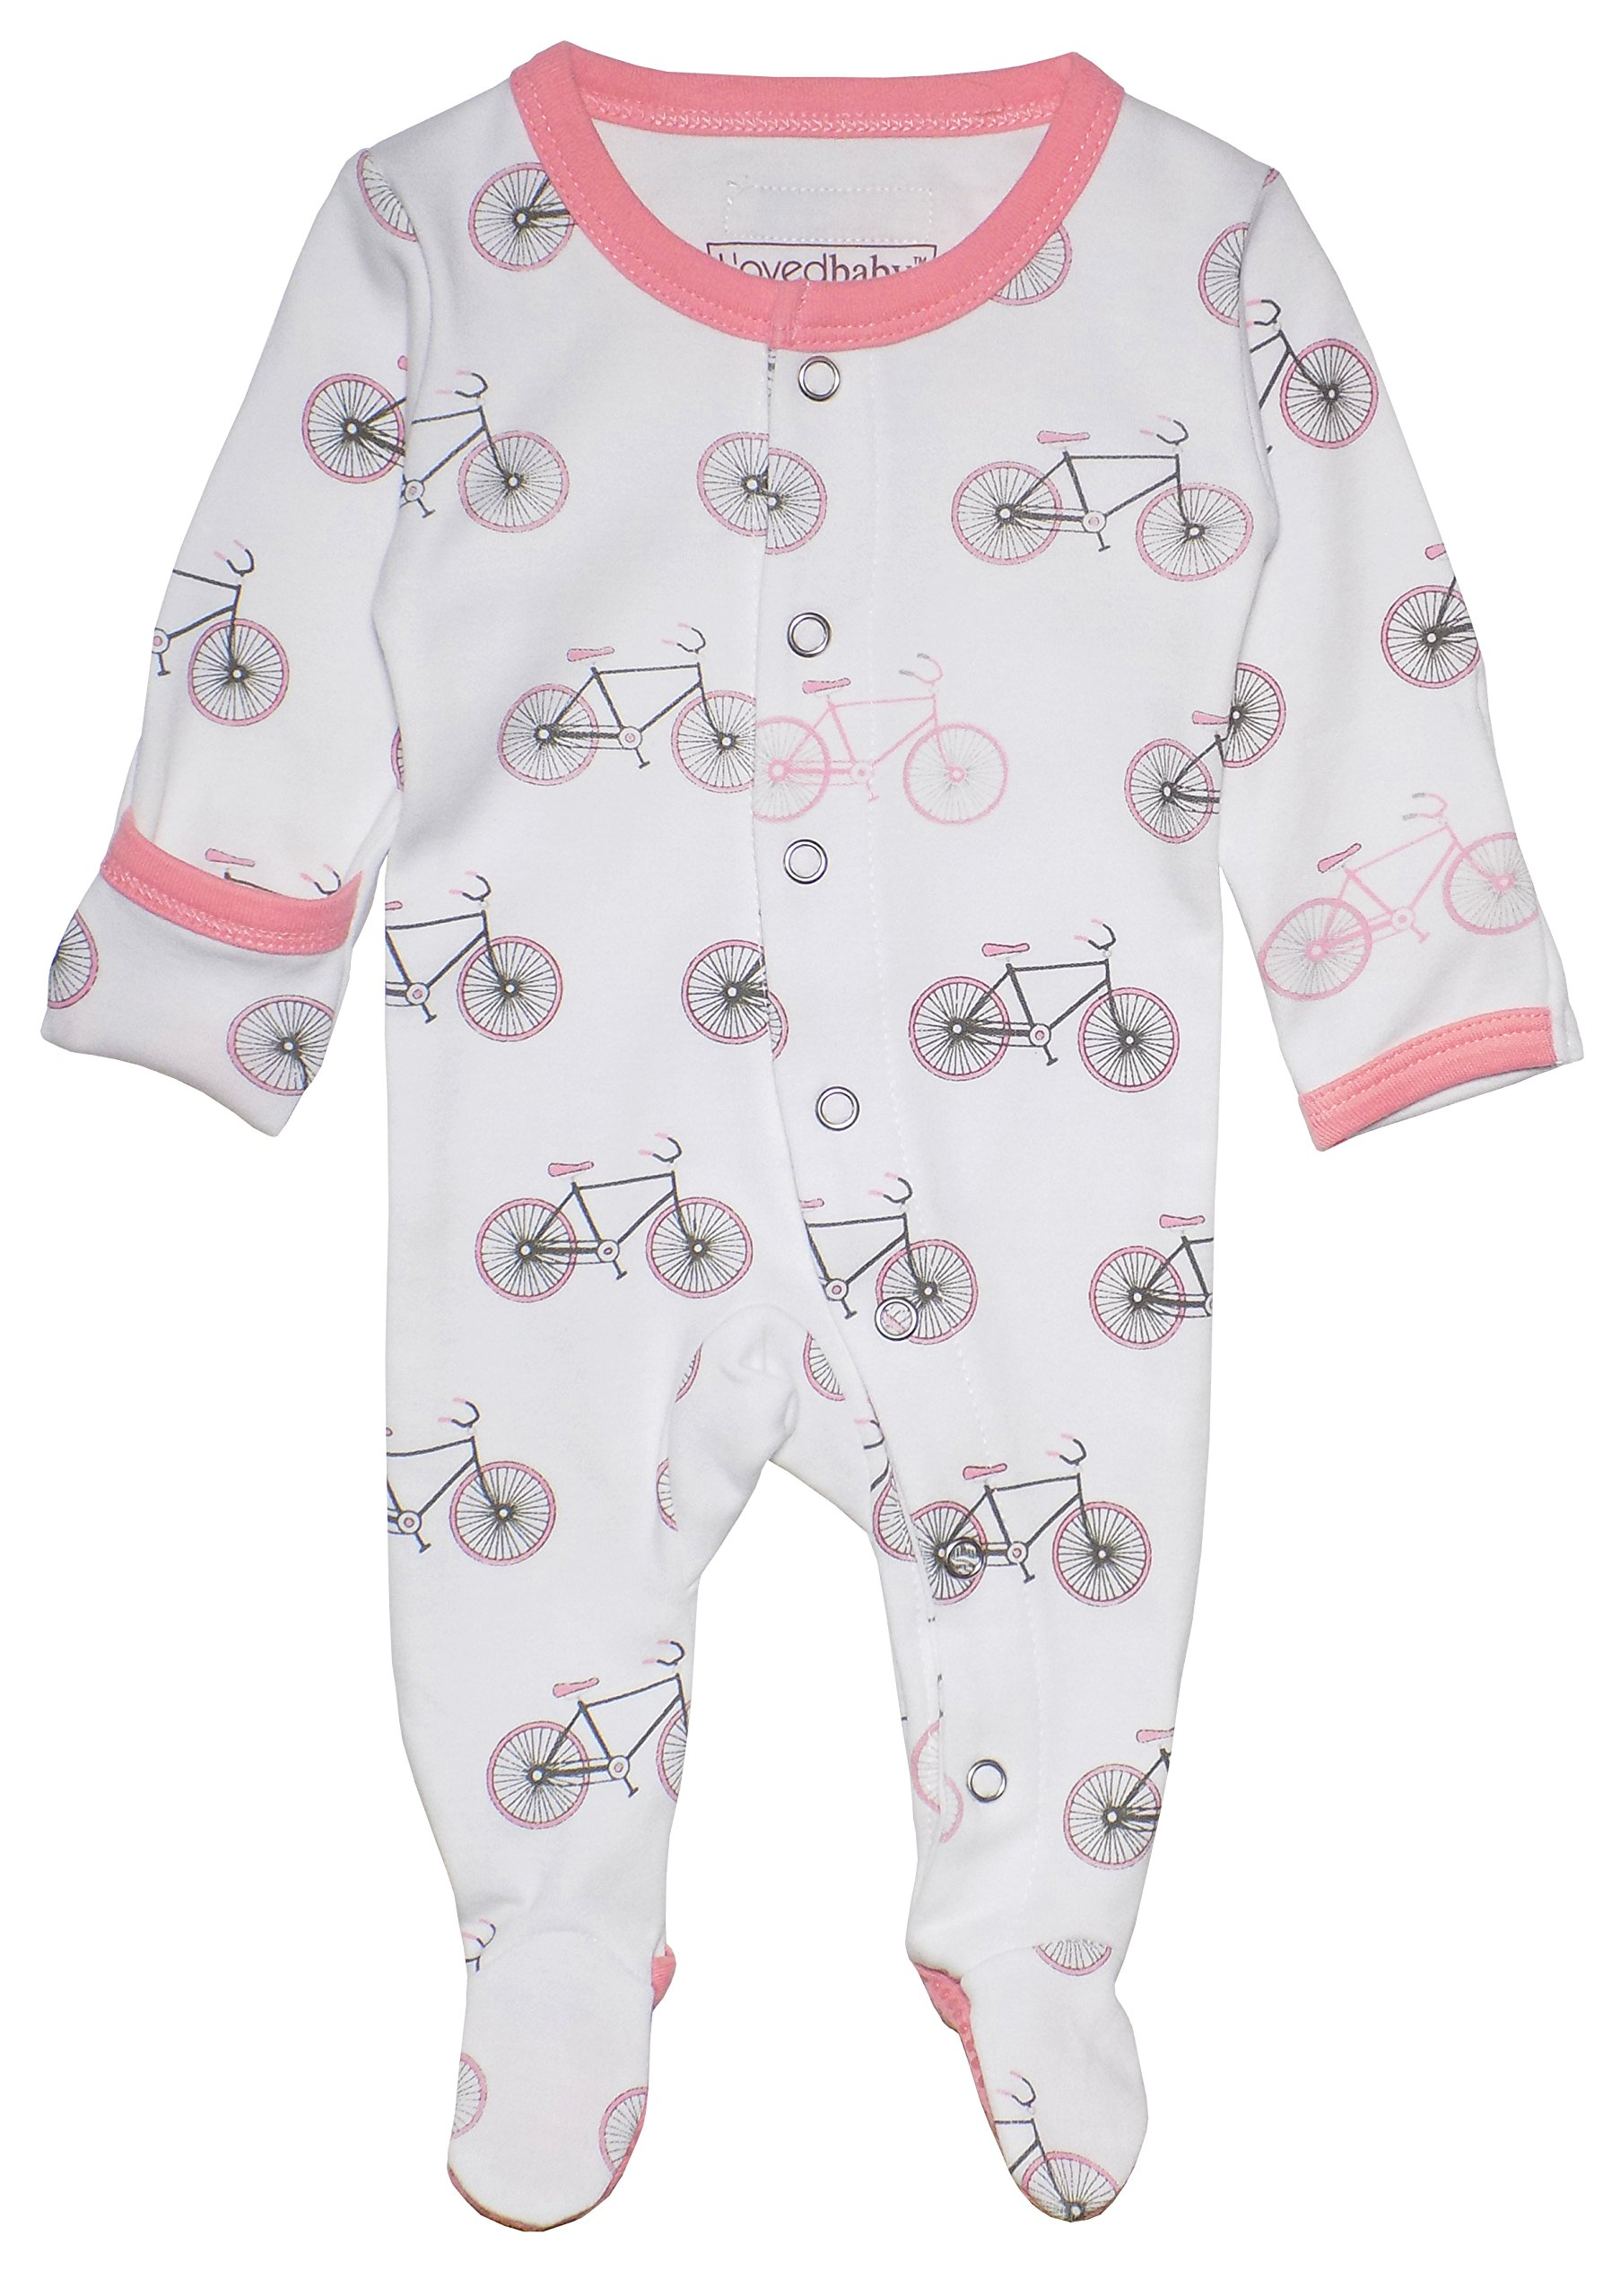 Baby Sleep Sack Patterns Free Patterns